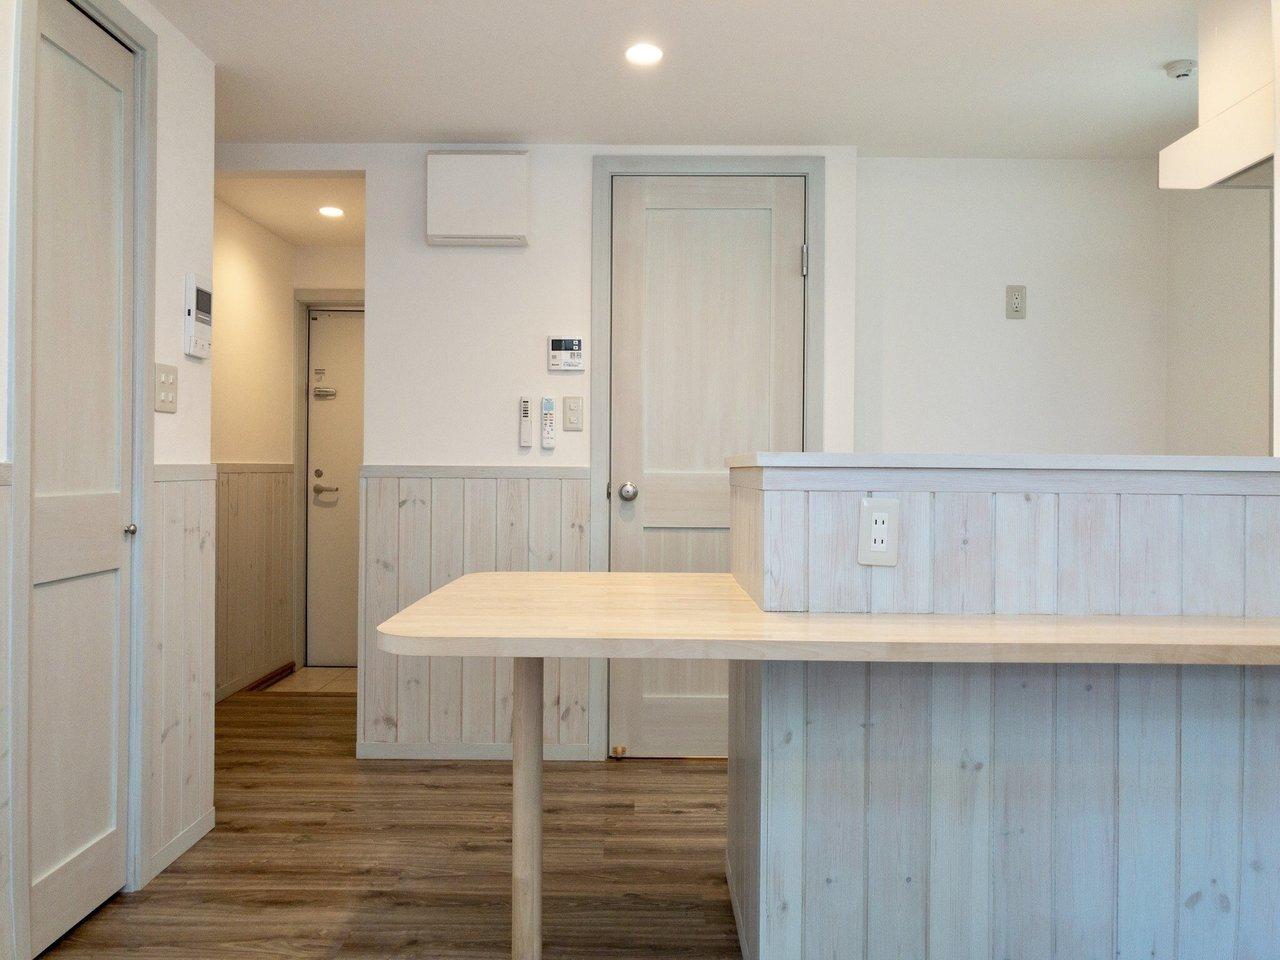 キッチンまわりにはカウンターが。友達が来たらここに座ってもらって、小料理屋風の飲み会もできるかも。木目の板もかわいい!